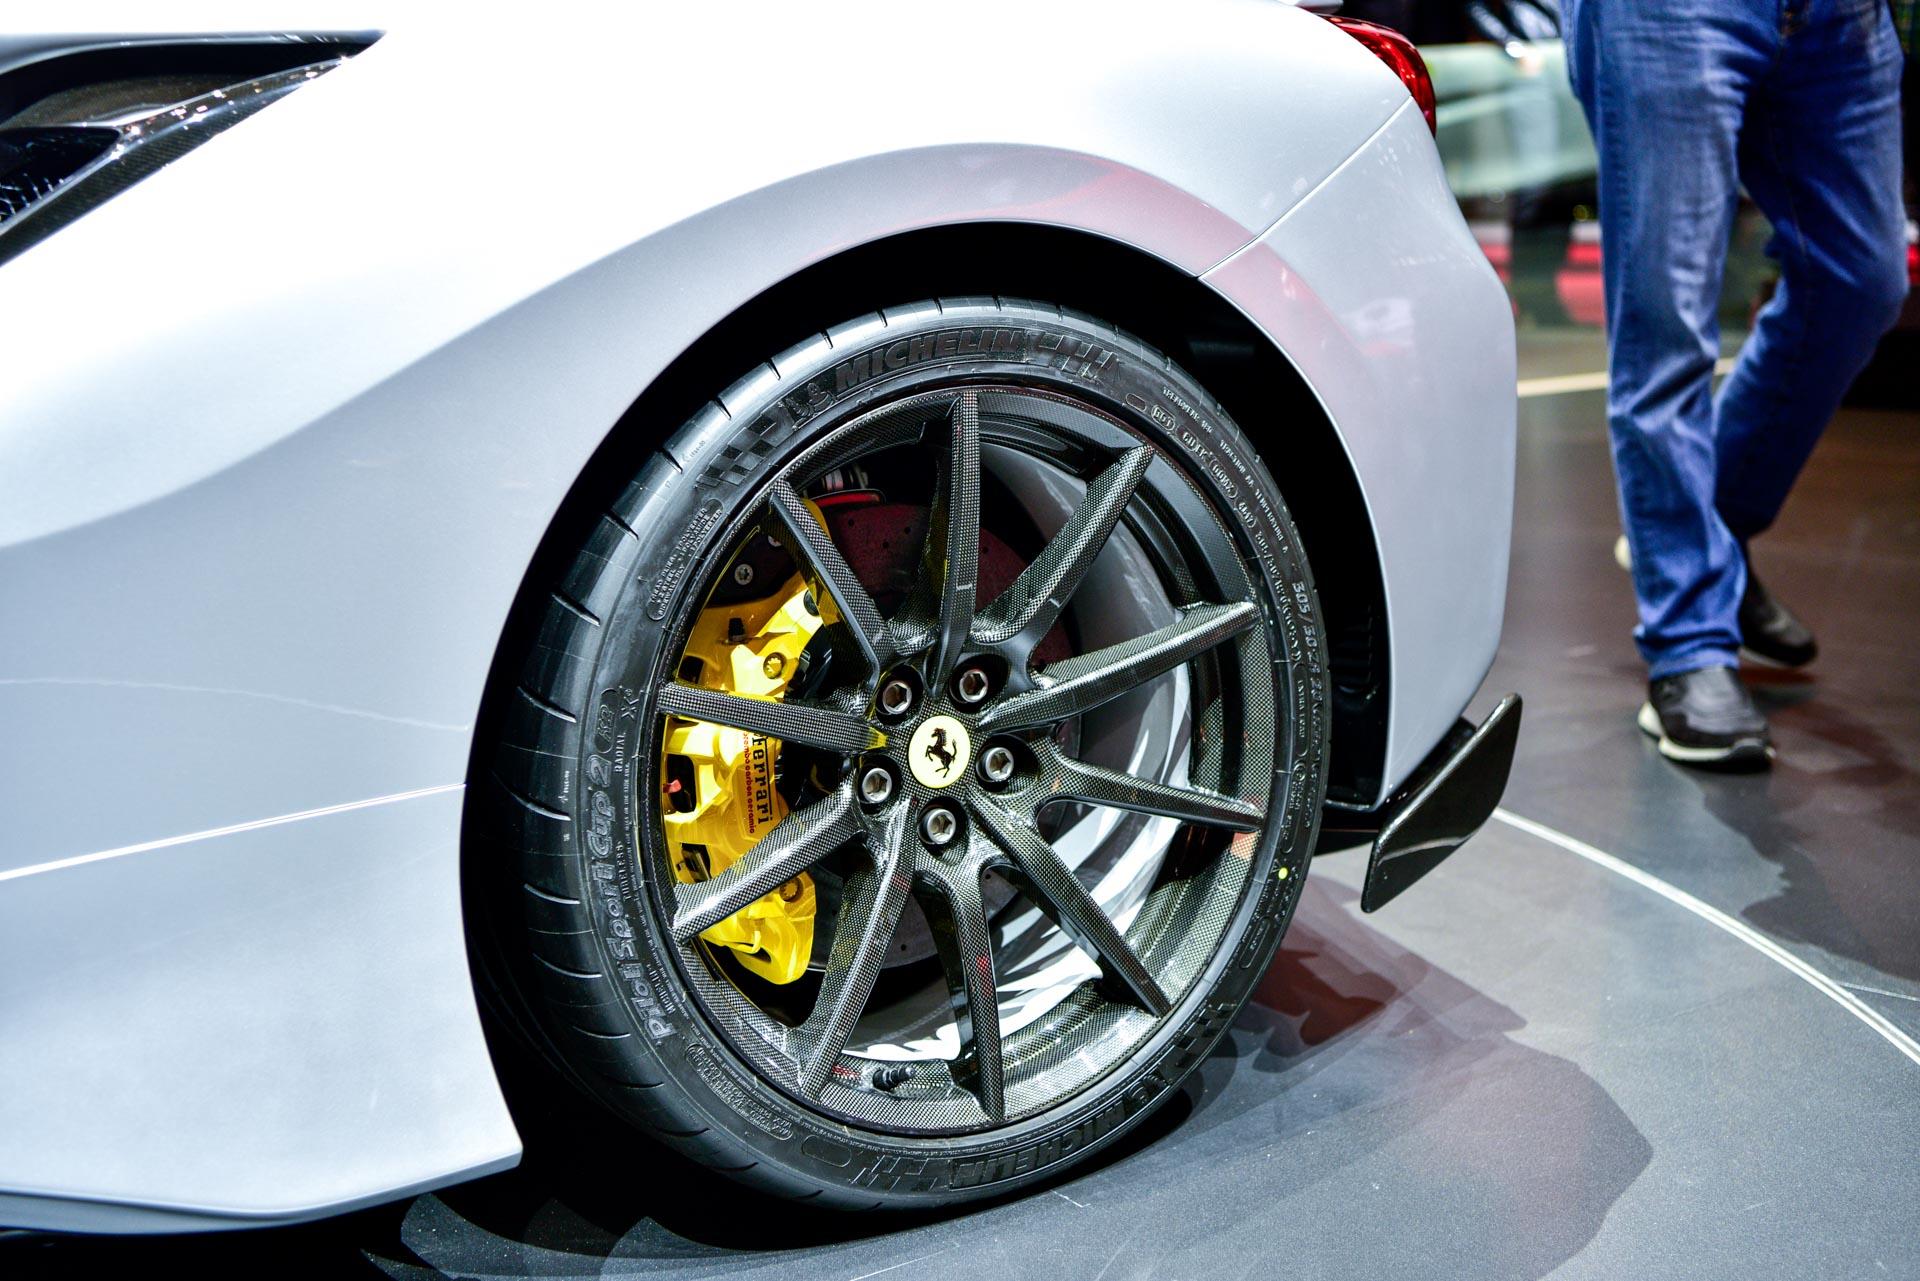 Pista производит в общей сложности 720 л.с. от своего 3,9-литрового двигателя V8.